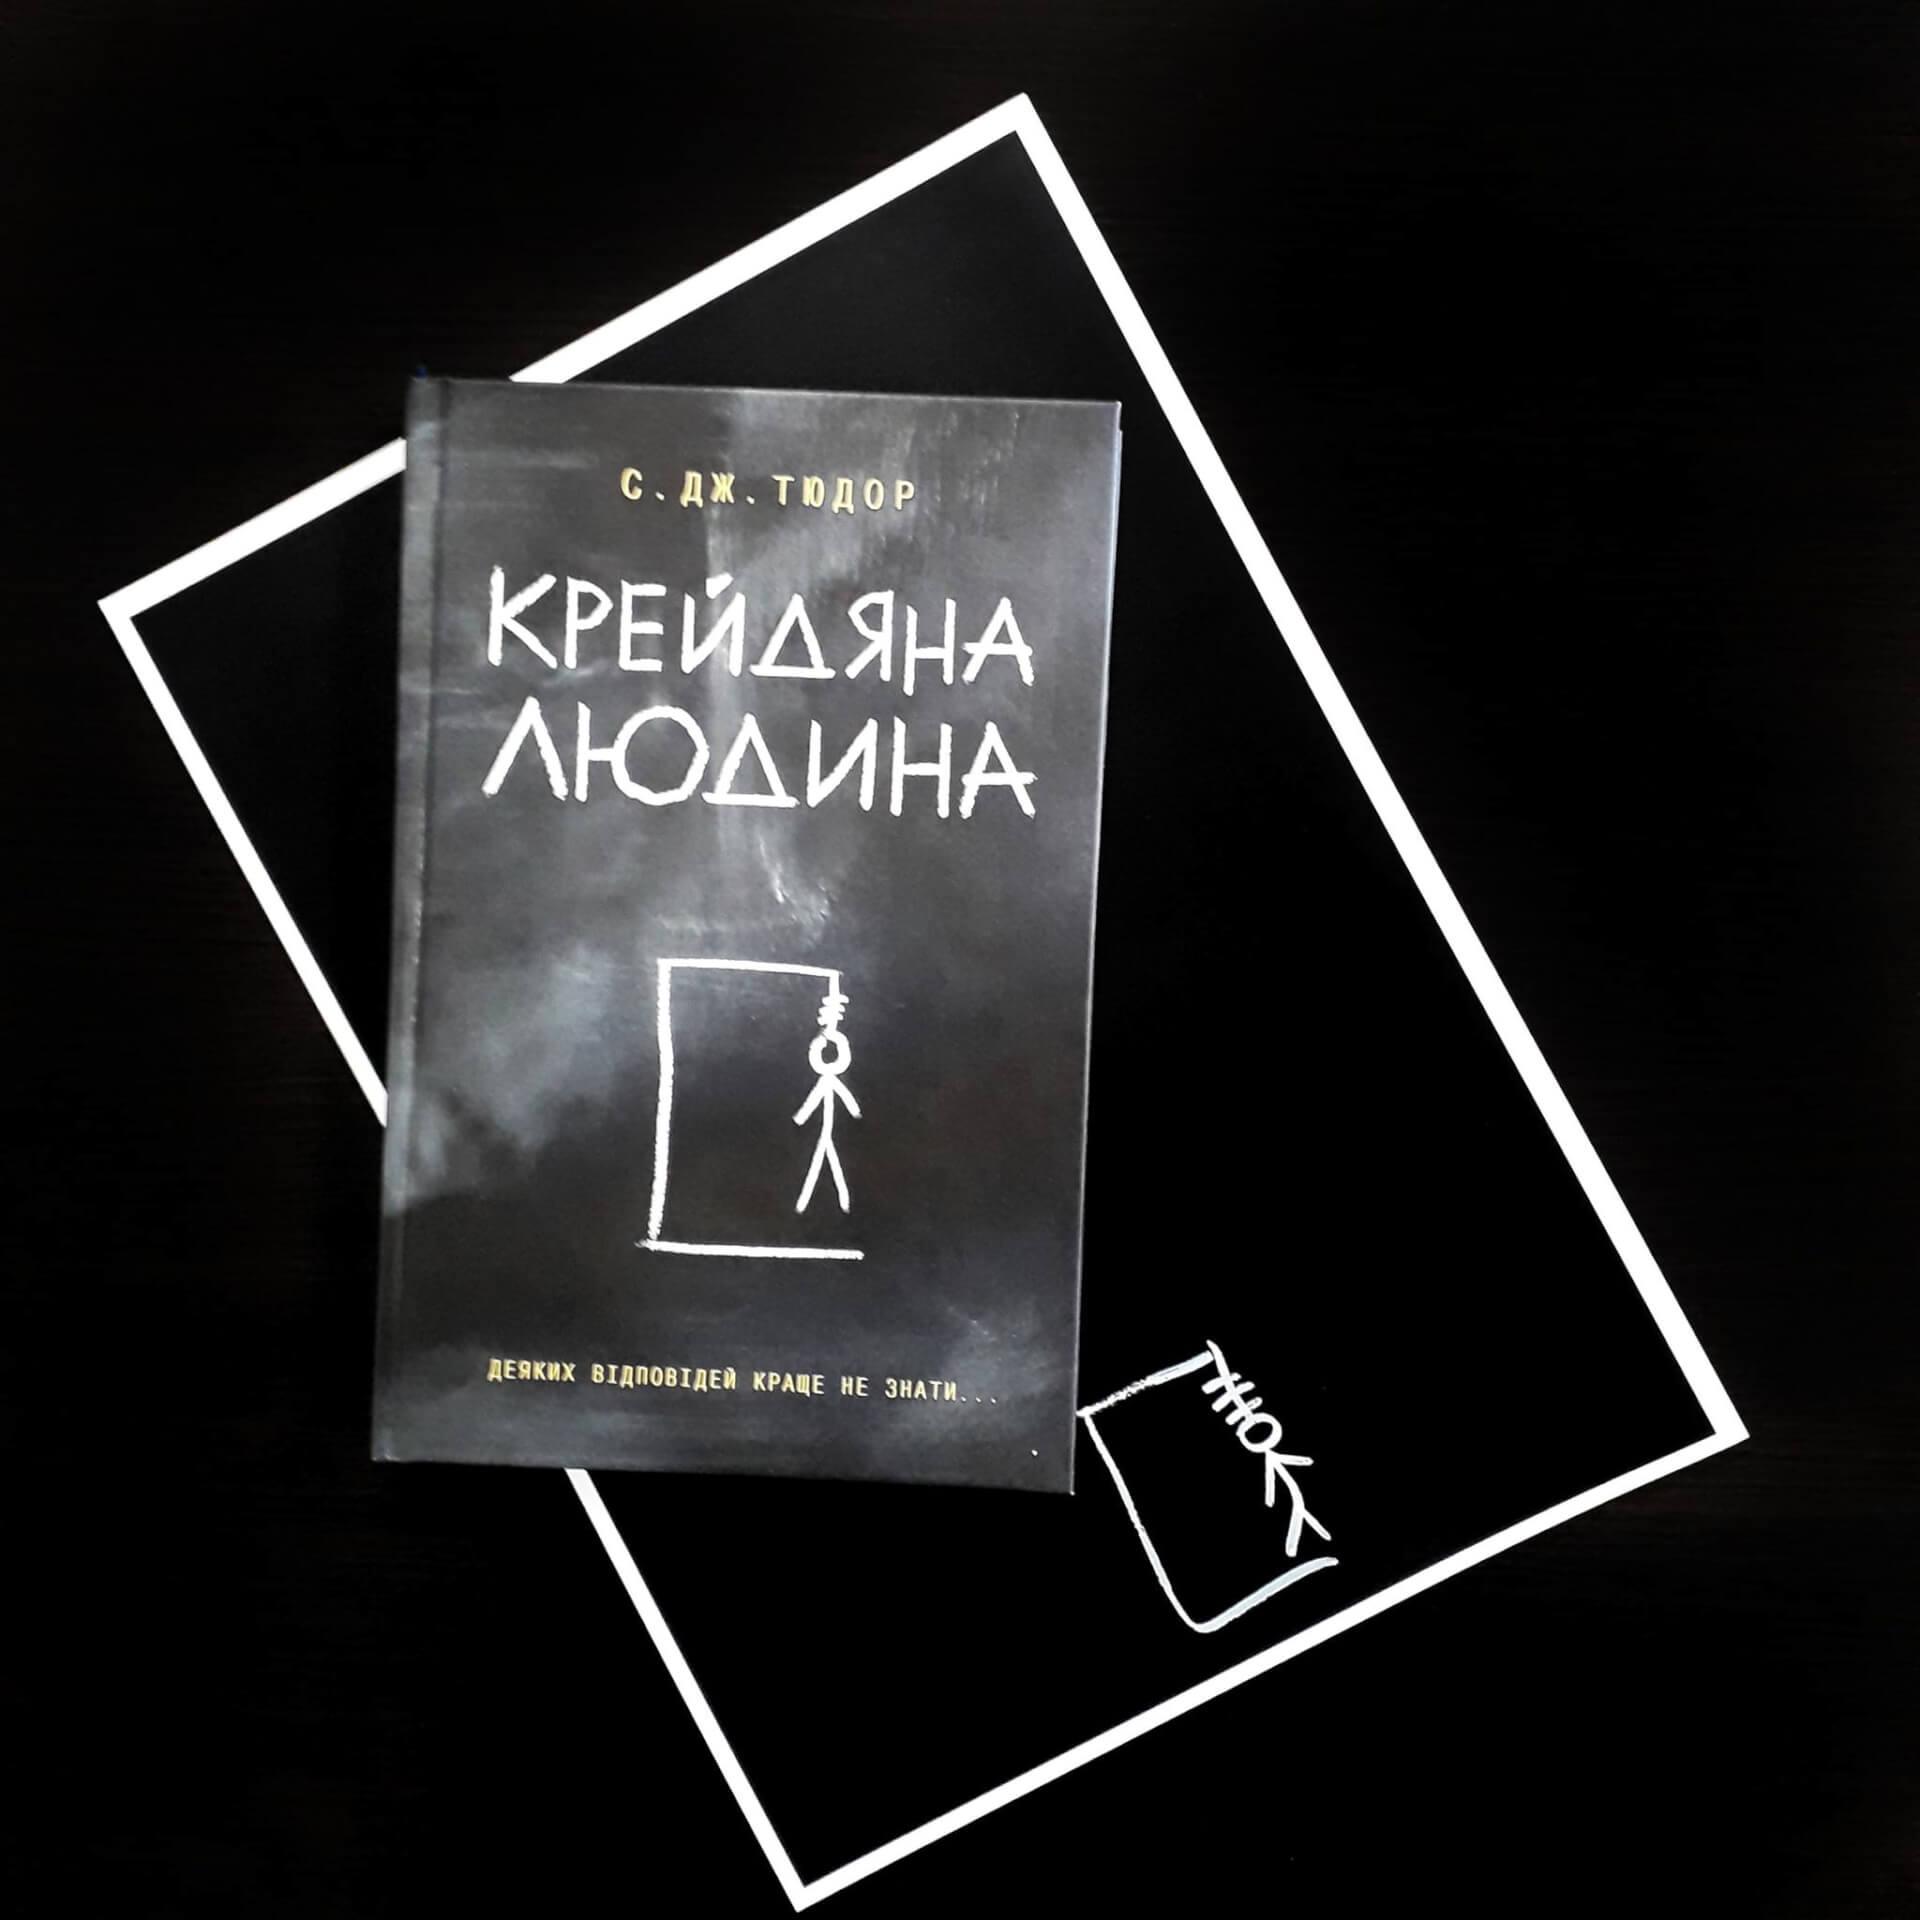 Детективна історія загадкових вбивств і таємниць, яких іноді краще не знати, – у романі «Крейдяна людина»